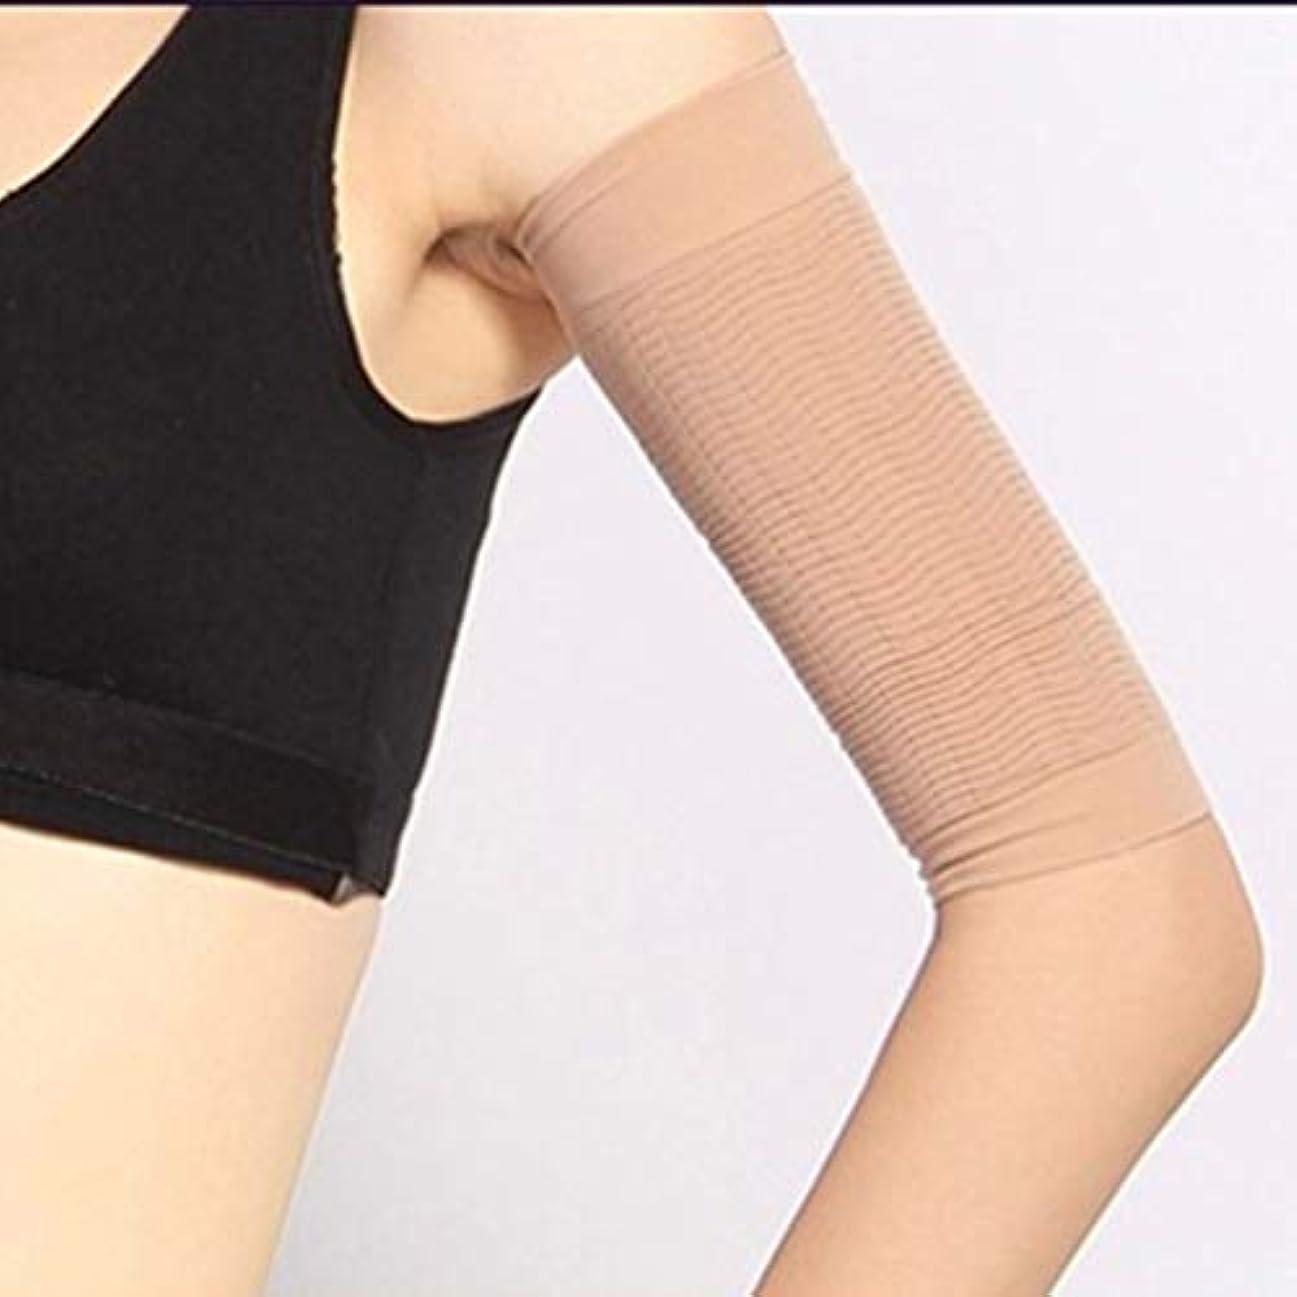 正午カール盗賊1ペア420 D圧縮痩身アームスリーブワークアウトトーニングバーンセルライトシェイパー脂肪燃焼袖用女性 - 肌色